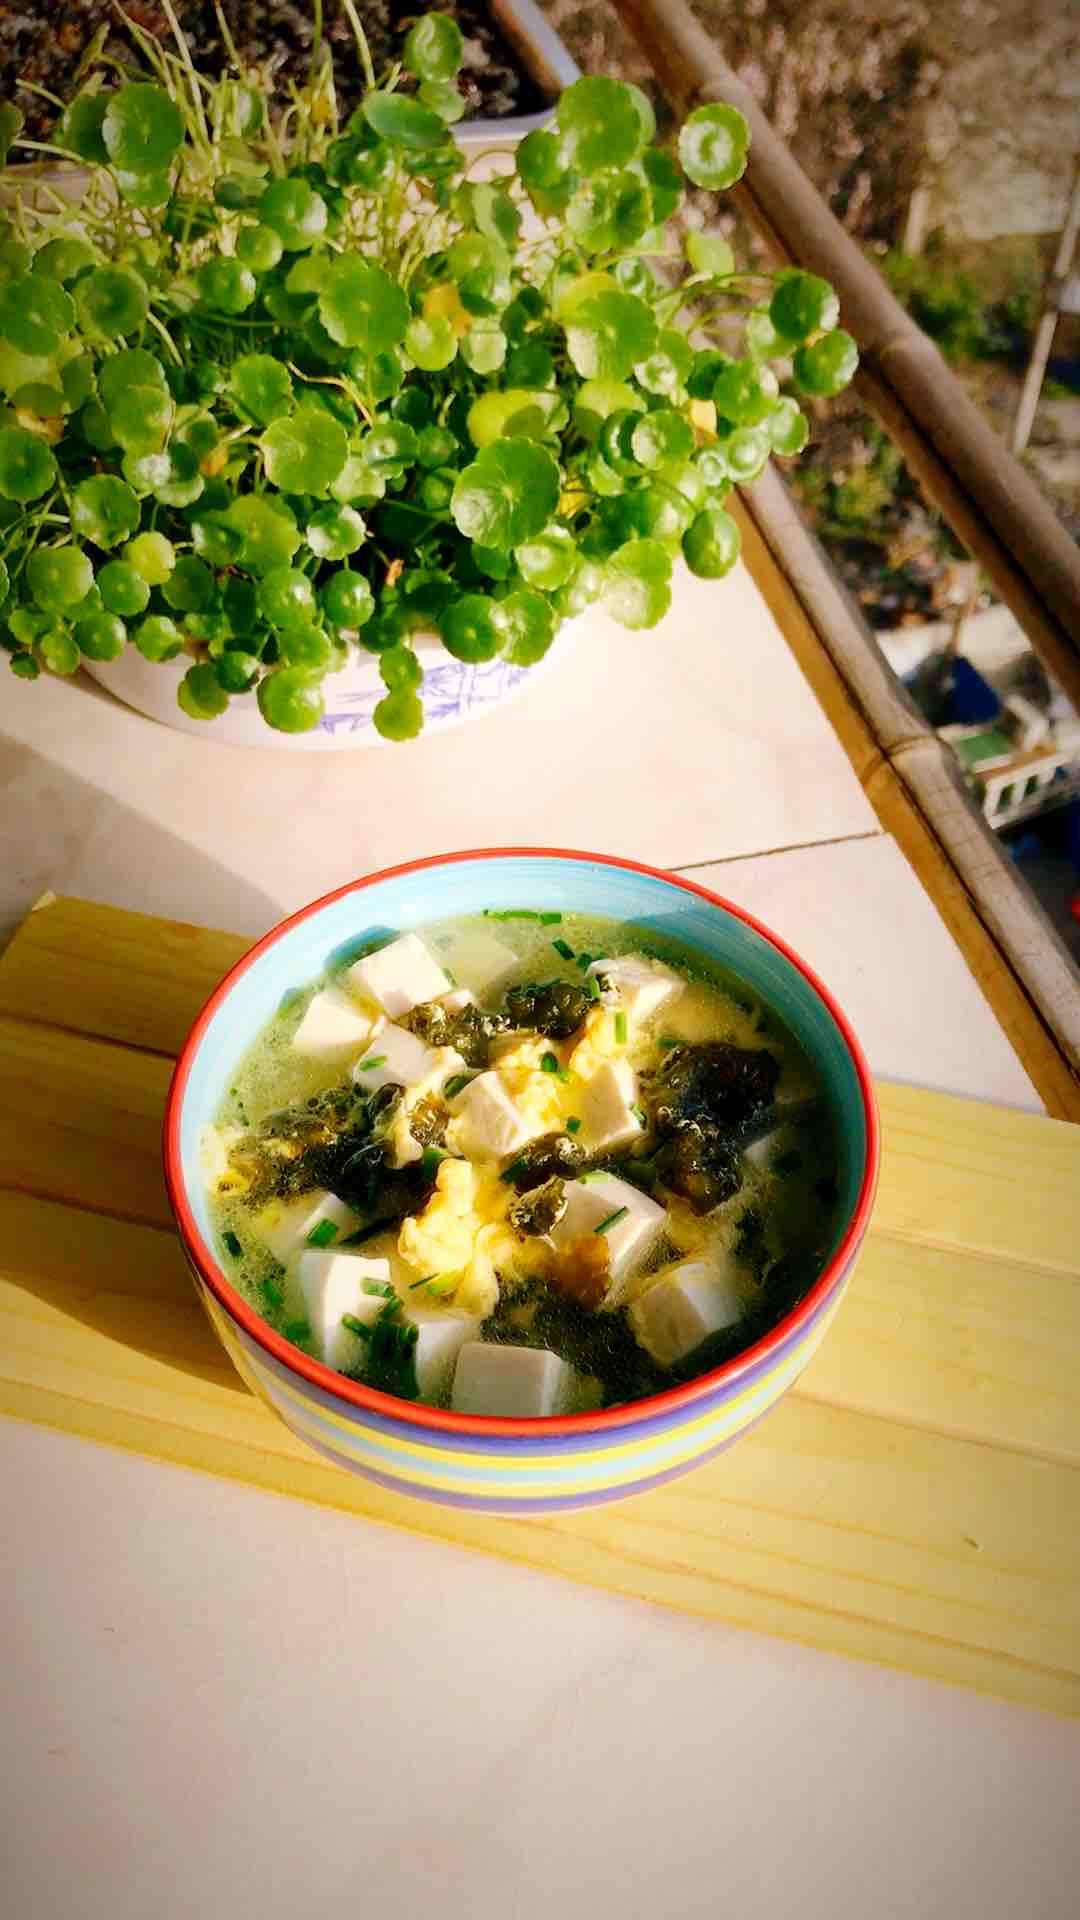 地耳豆腐鸡蛋汤的做法